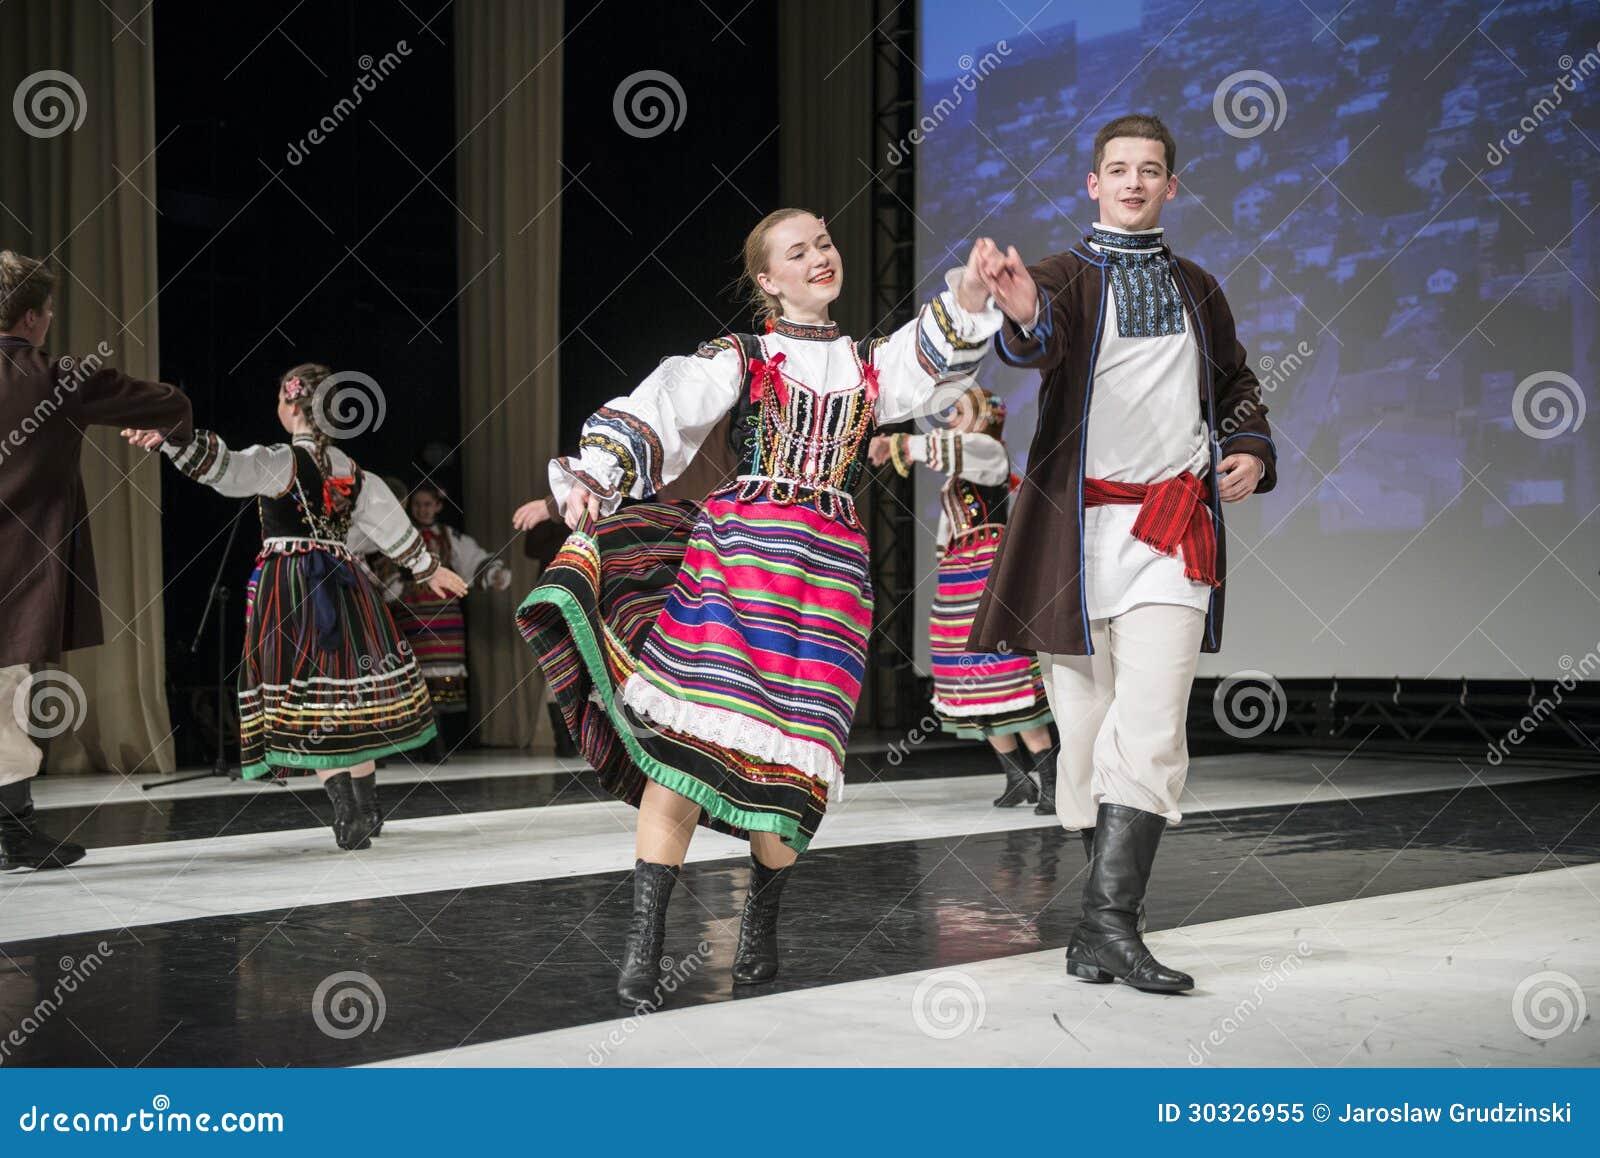 Chodowiacy舞蹈小组的舞蹈家在阶段执行